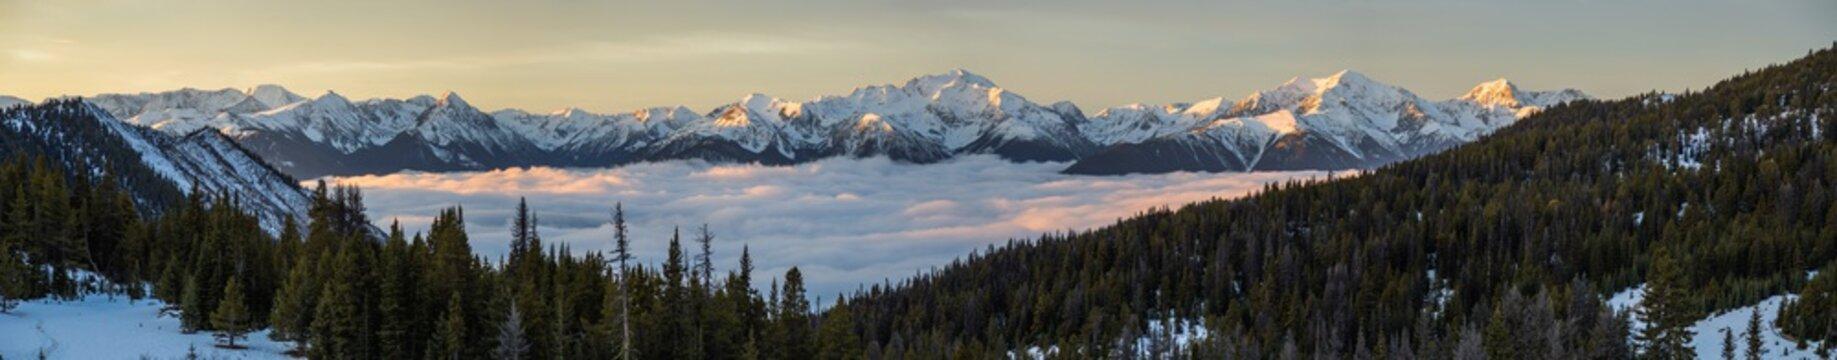 Canadian Rockies Panoramic